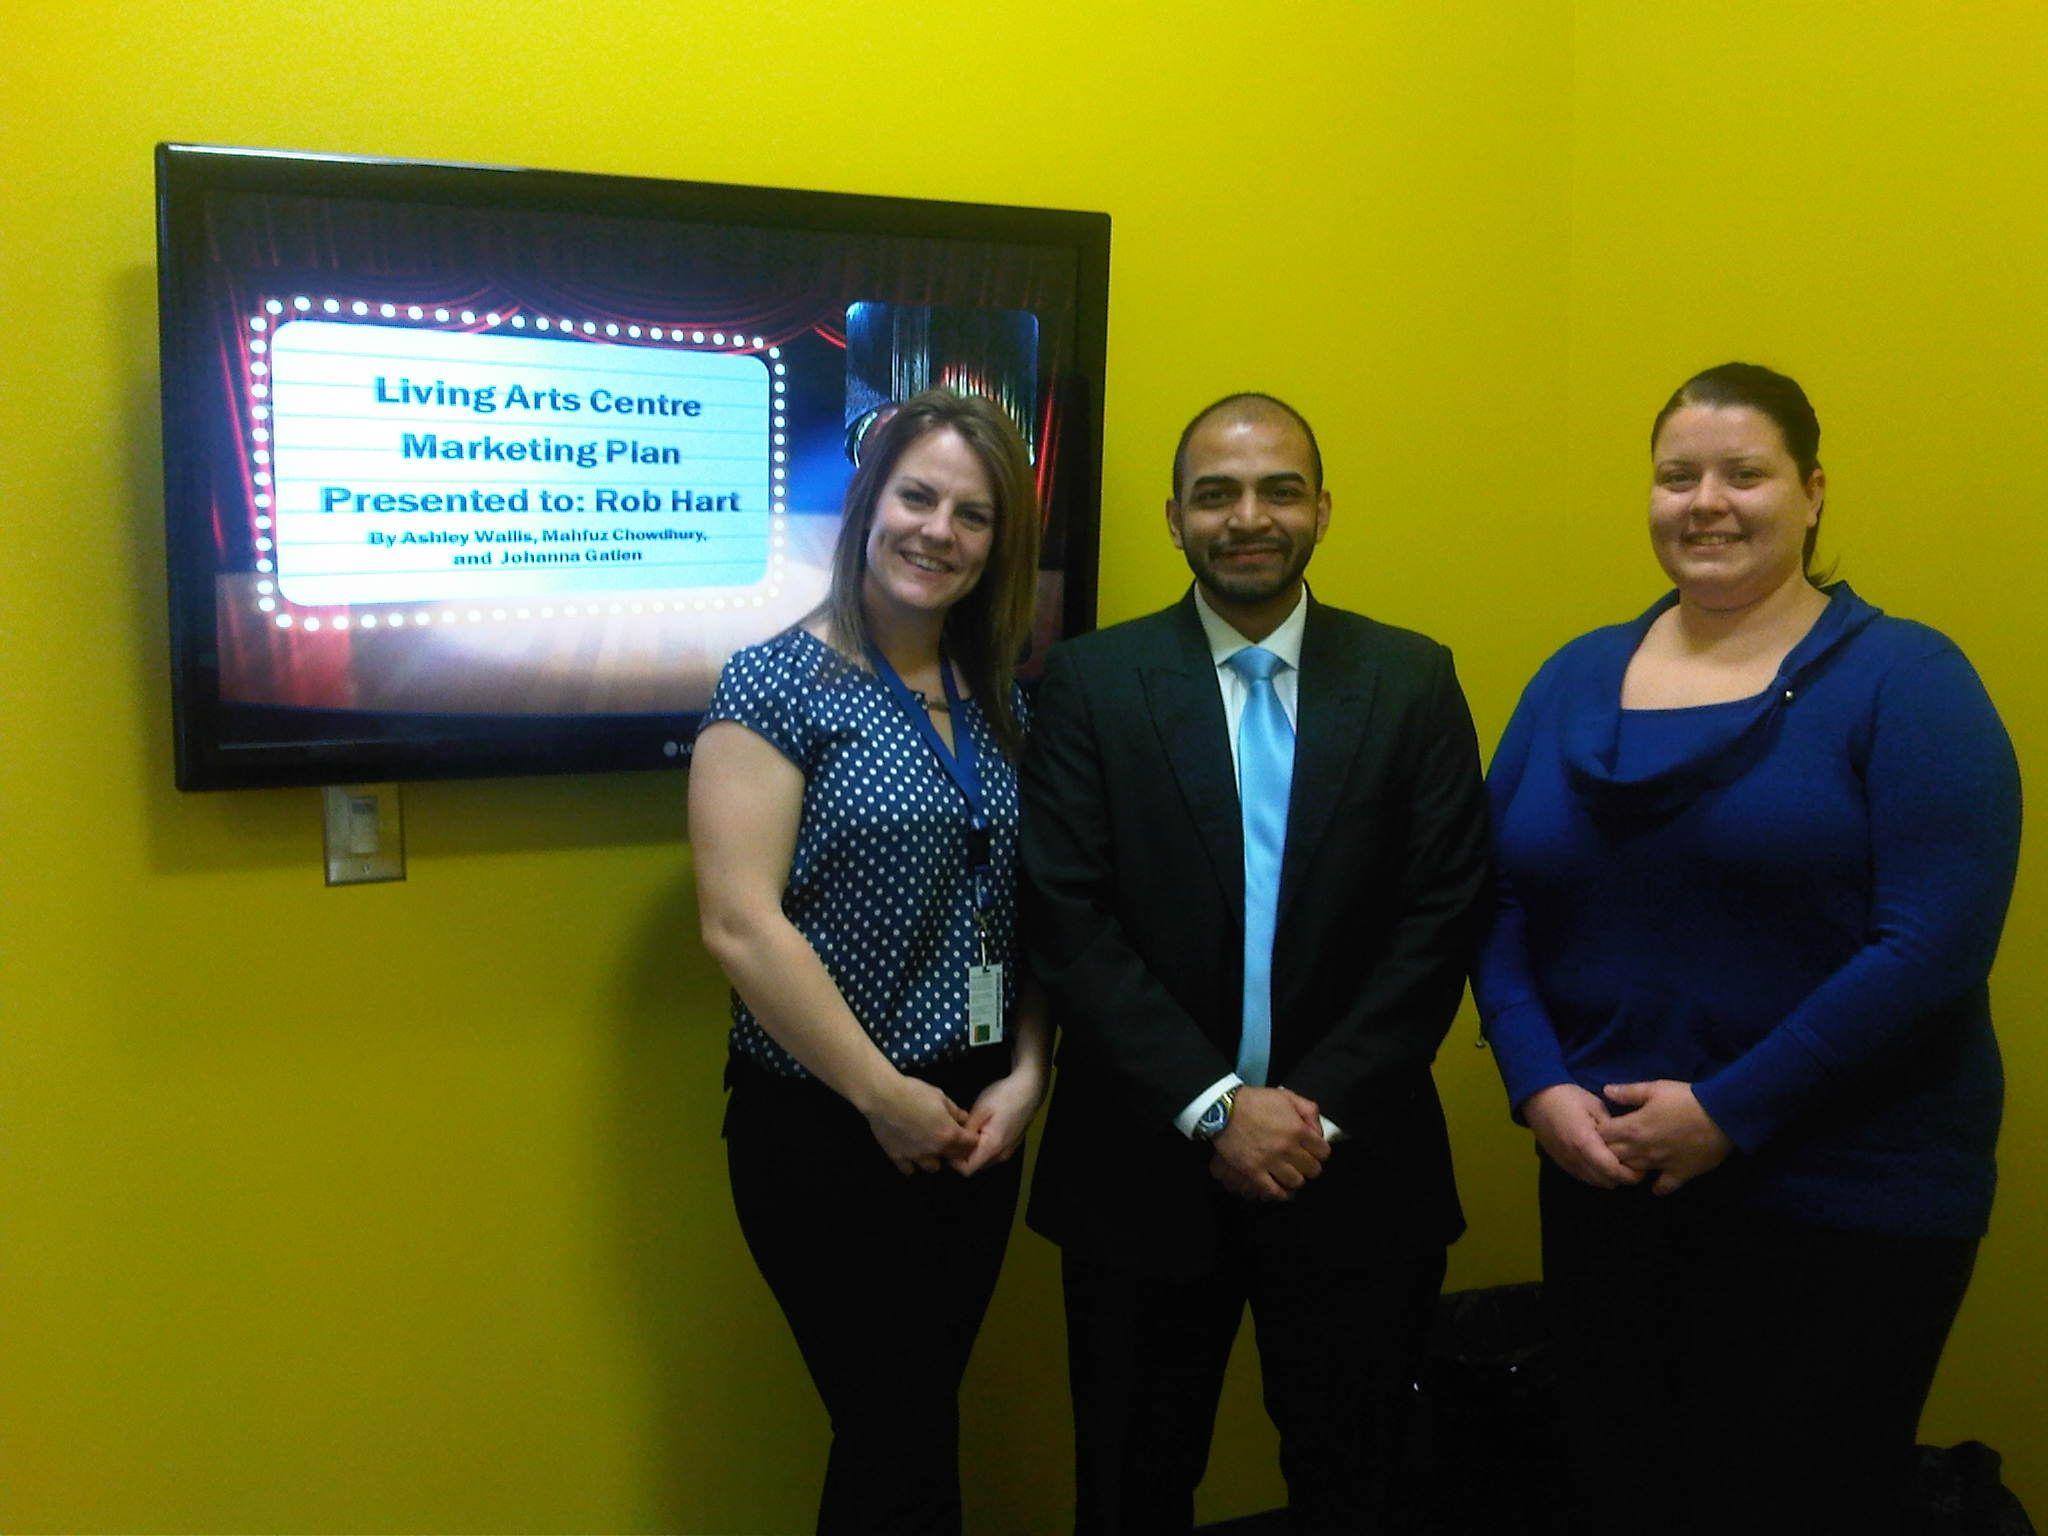 Third Year Marketing Undergrads presenting their Marketing